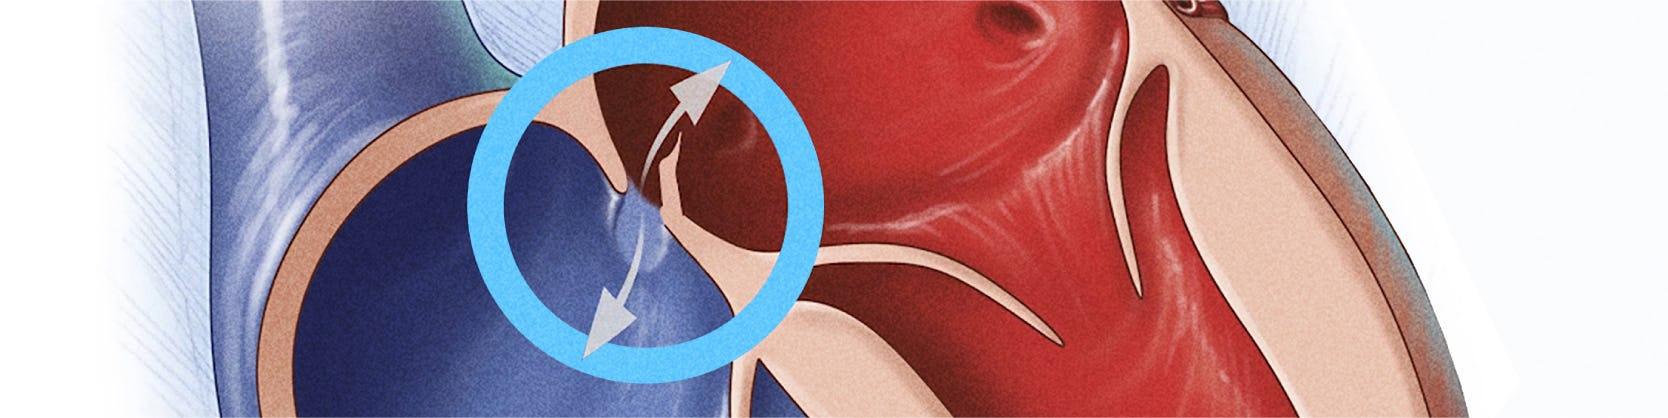 Corectia Foramen Ovale Patent (PFO) | Centrele Ares | Inovatie in Cardiologie